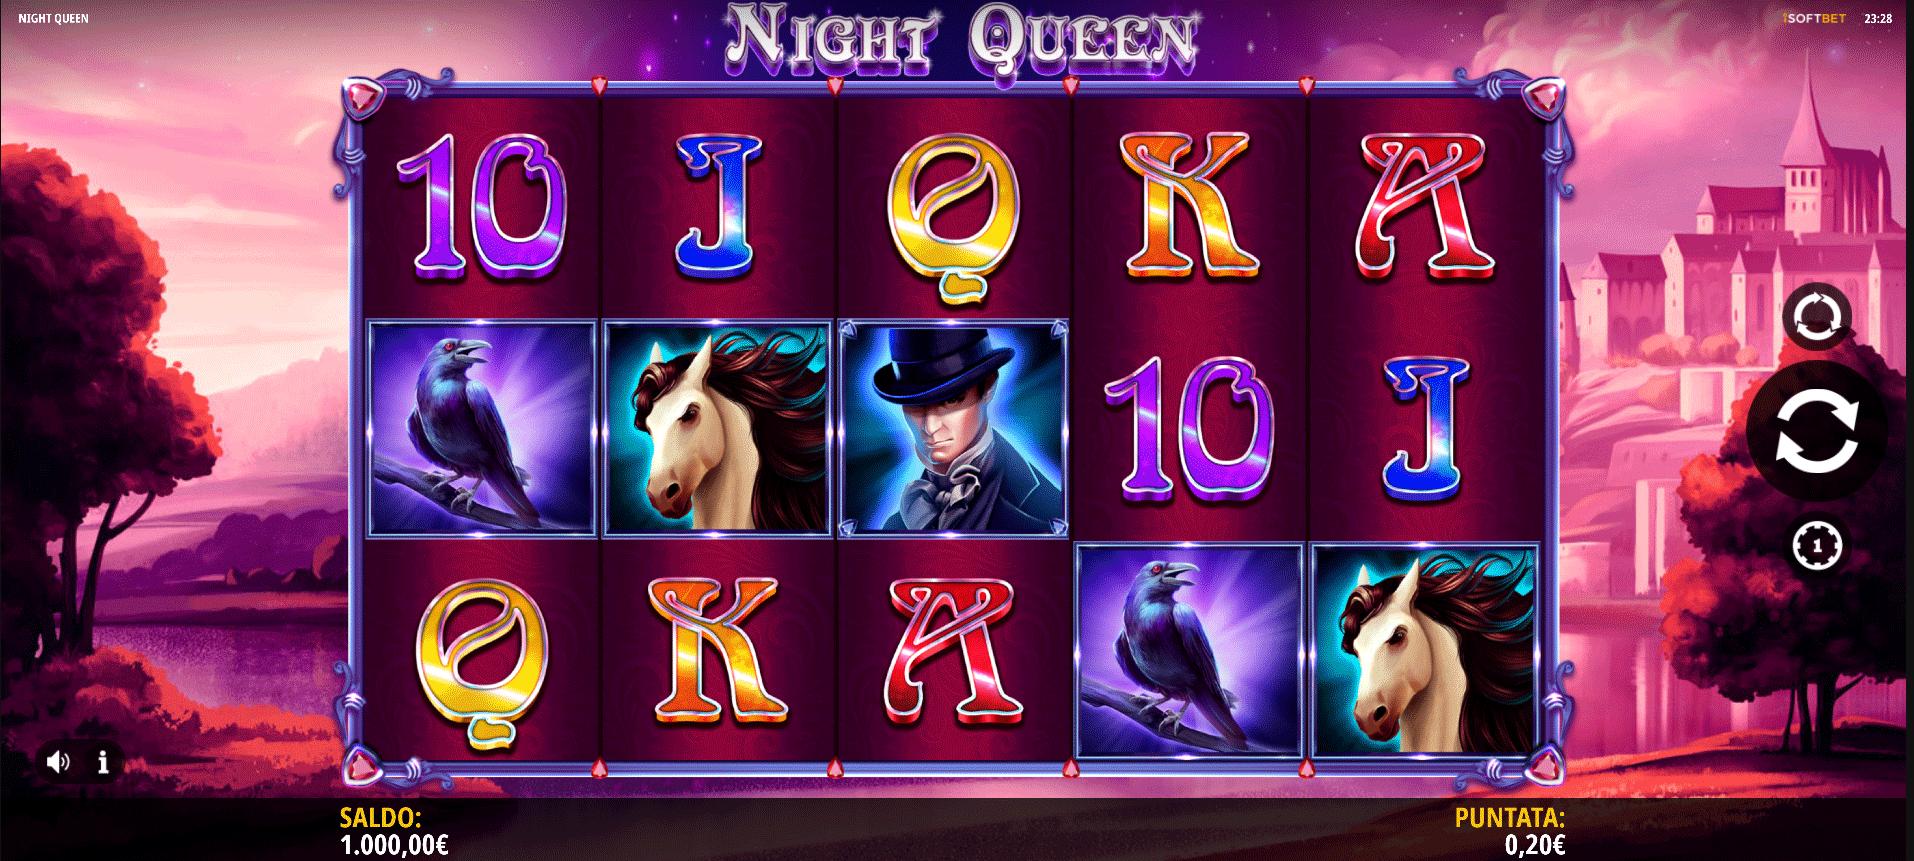 Slot Night Queen